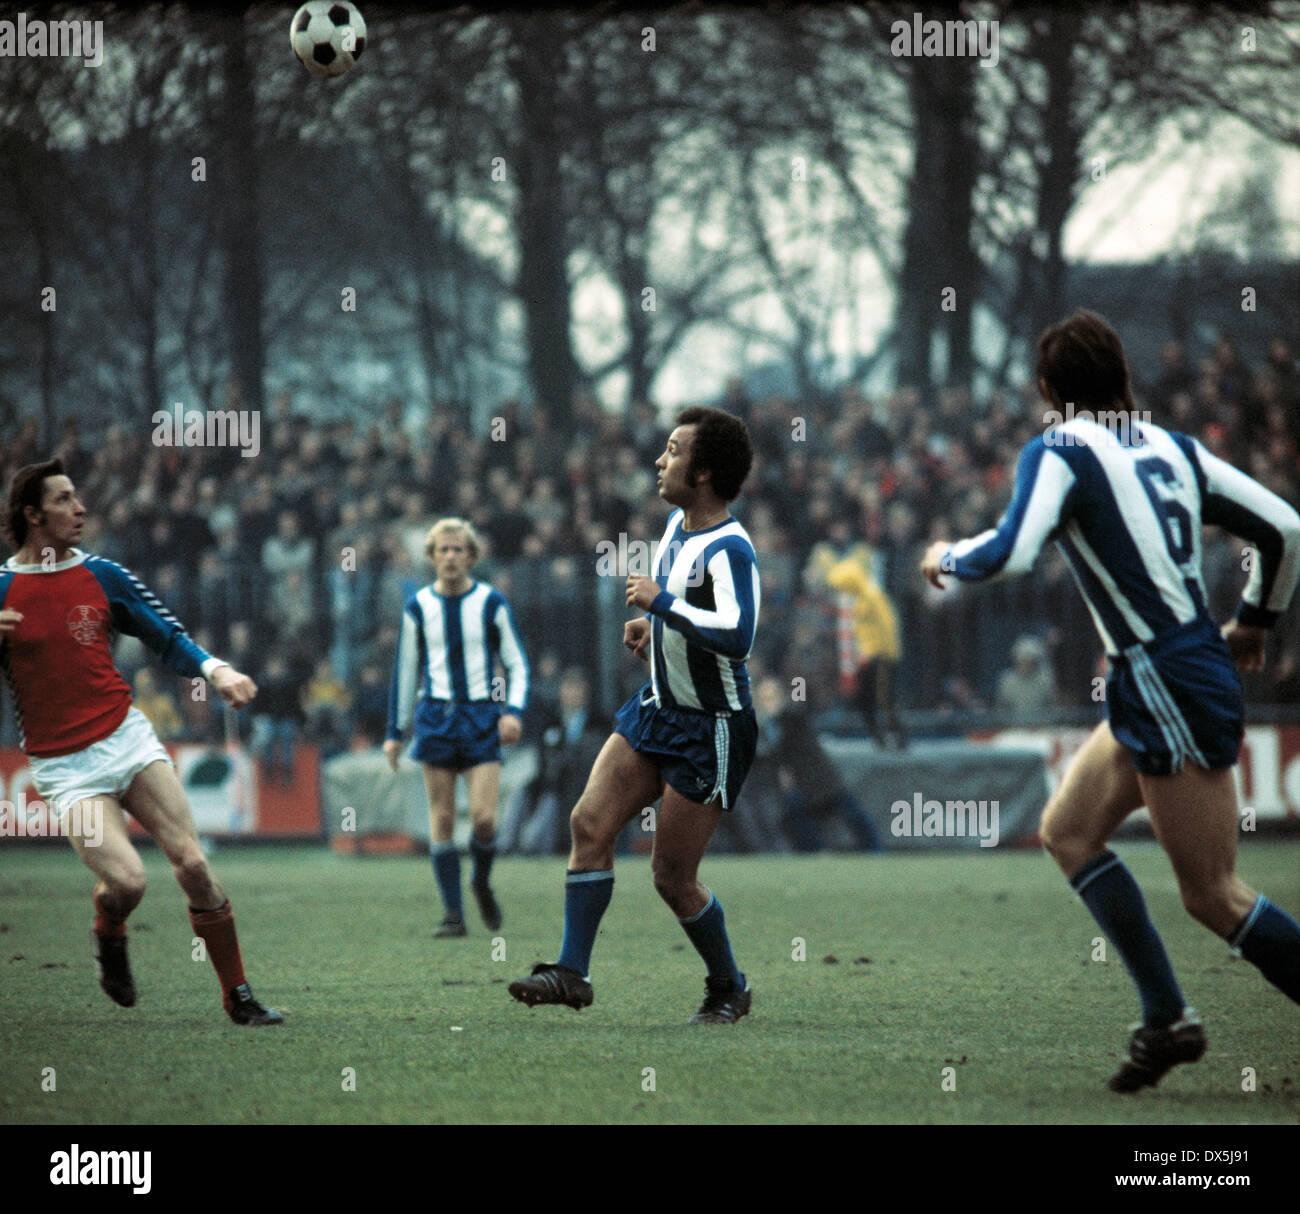 football, Bundesliga, 1975/1976, Grotenburg Stadium, FC Bayer 05 Uerdingen versus Hertha BSC Berlin 1:1, scene of the match, Georg Kottan (05) left and Erwin Kostedde (Hertha) seeking for the ball - Stock Image